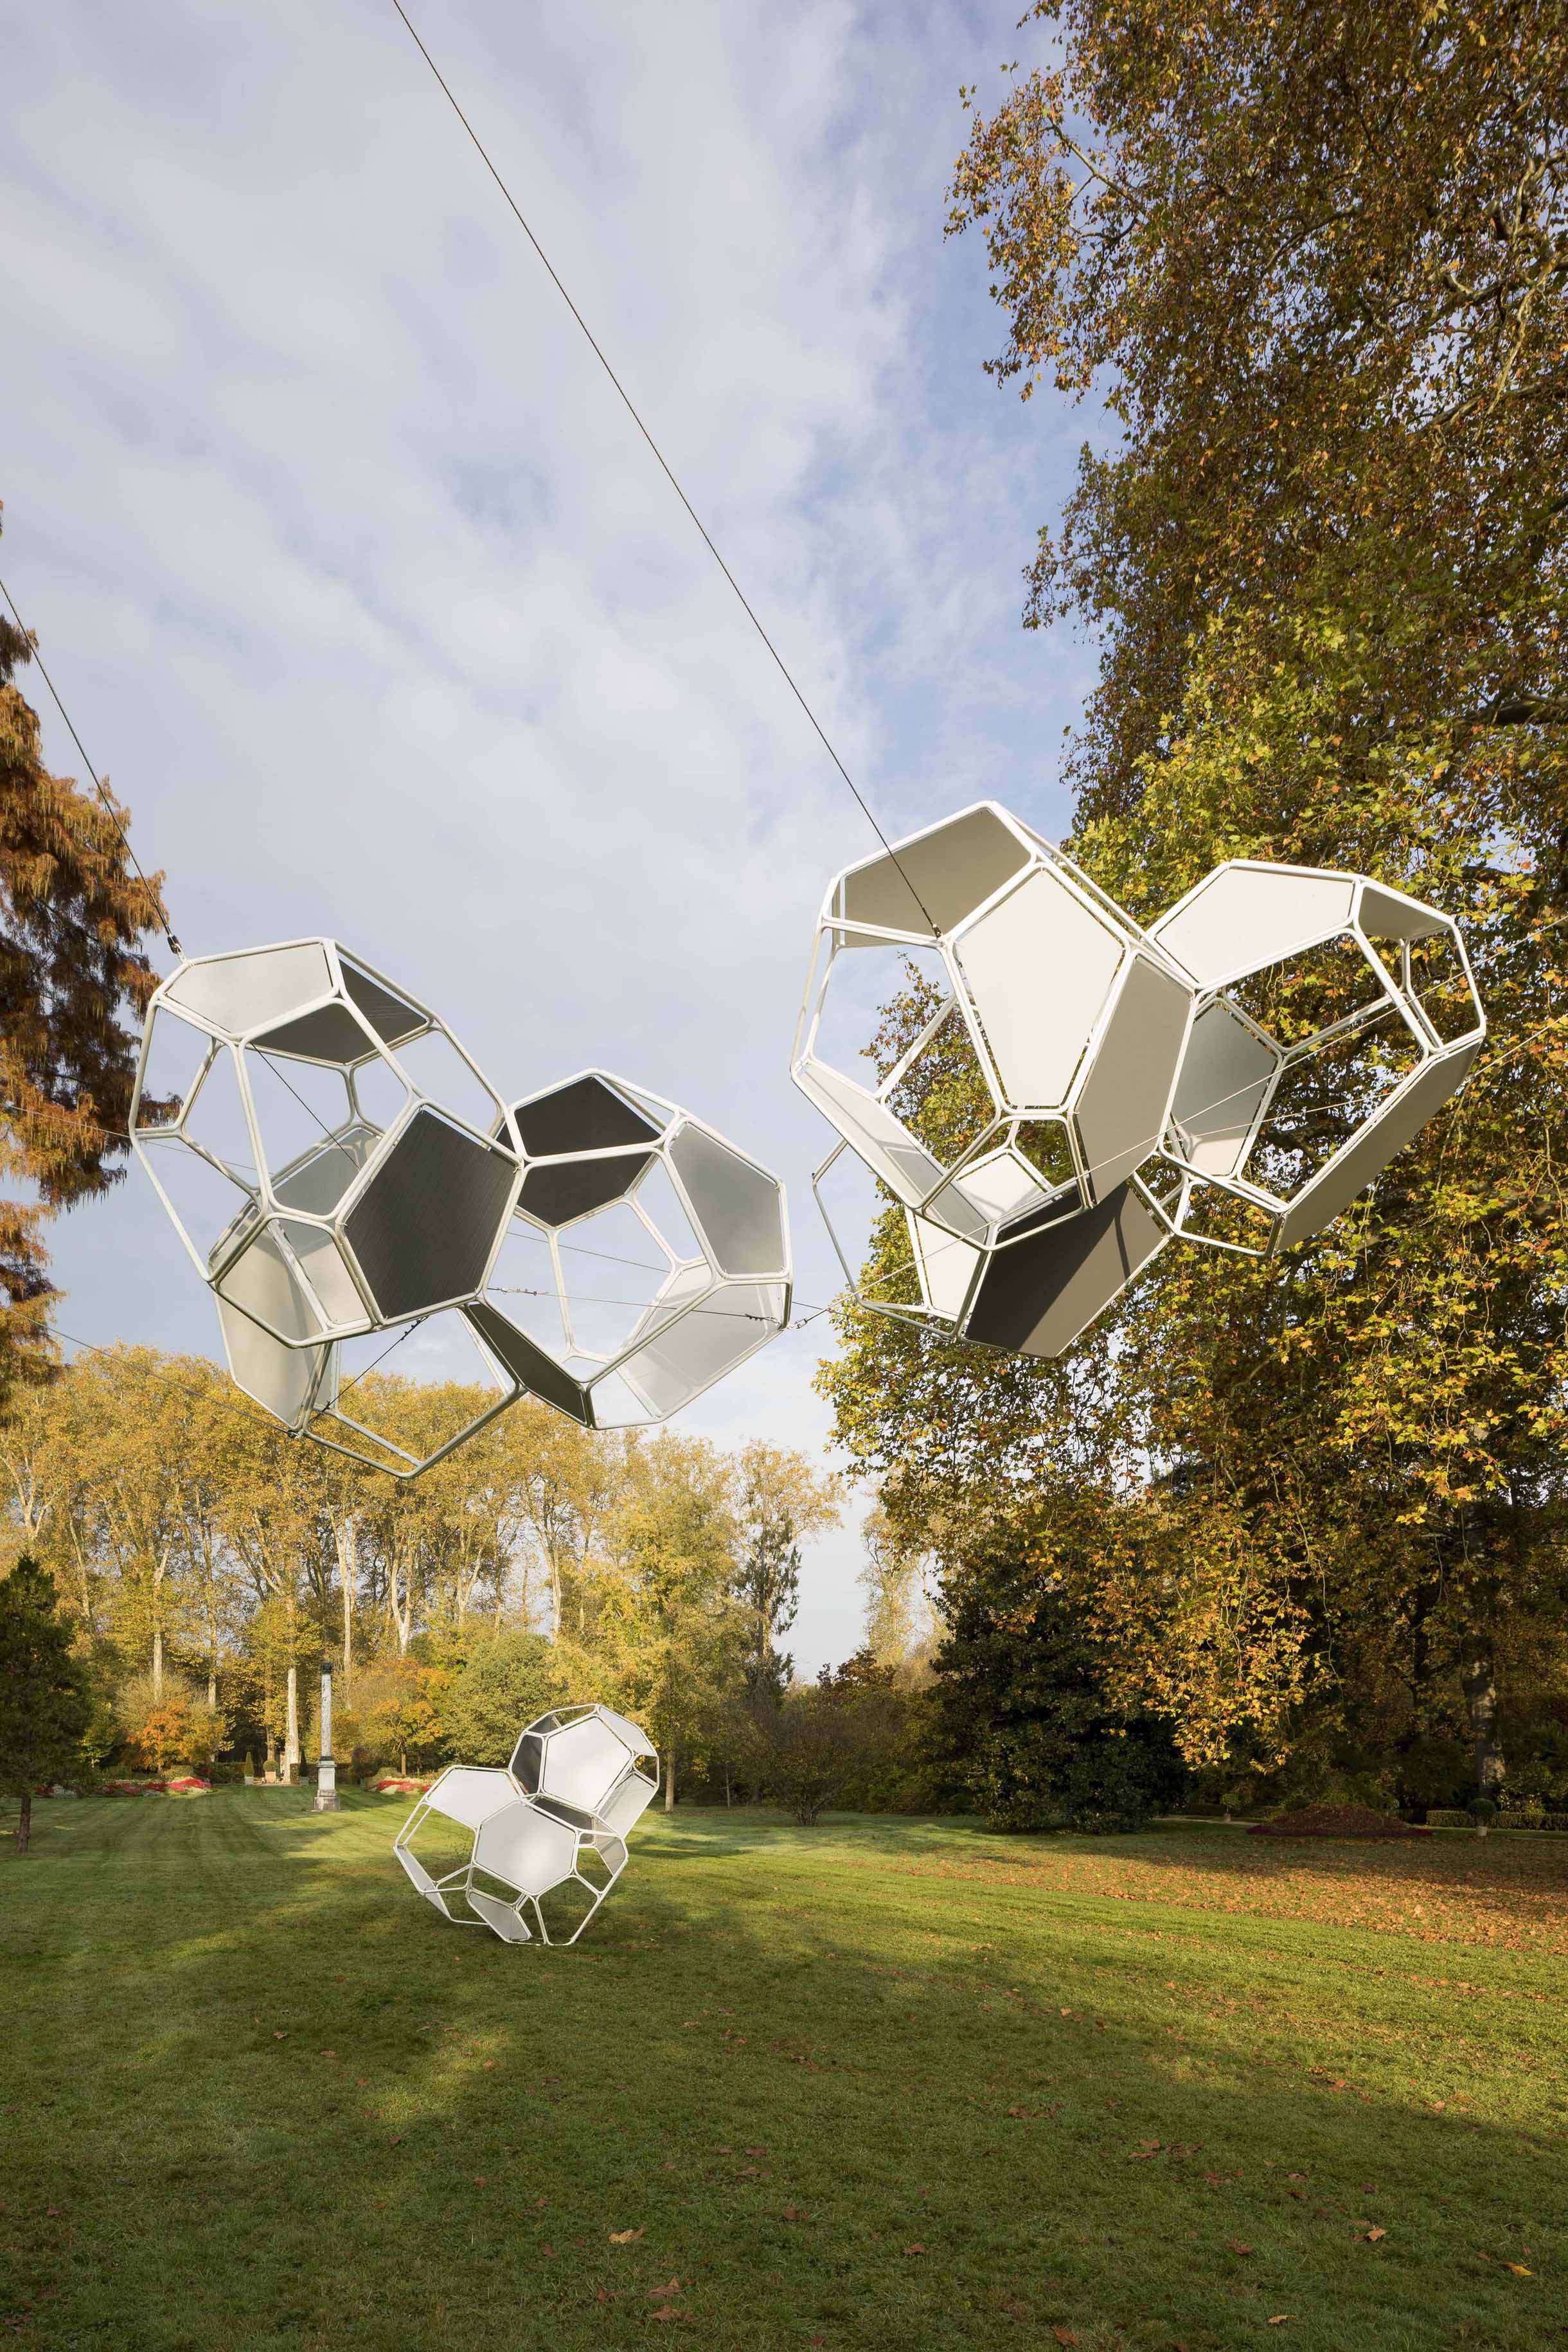 La structure aérienne de l'Argentin Tomàs Saraceno est composée de miroirs et ouvre de nouvelles perspectives. Tomás Saraceno, Cloud Cities : du sol au soleil, 2017 Acier, béton, contreplaqué, cables Courtesy de l'artiste